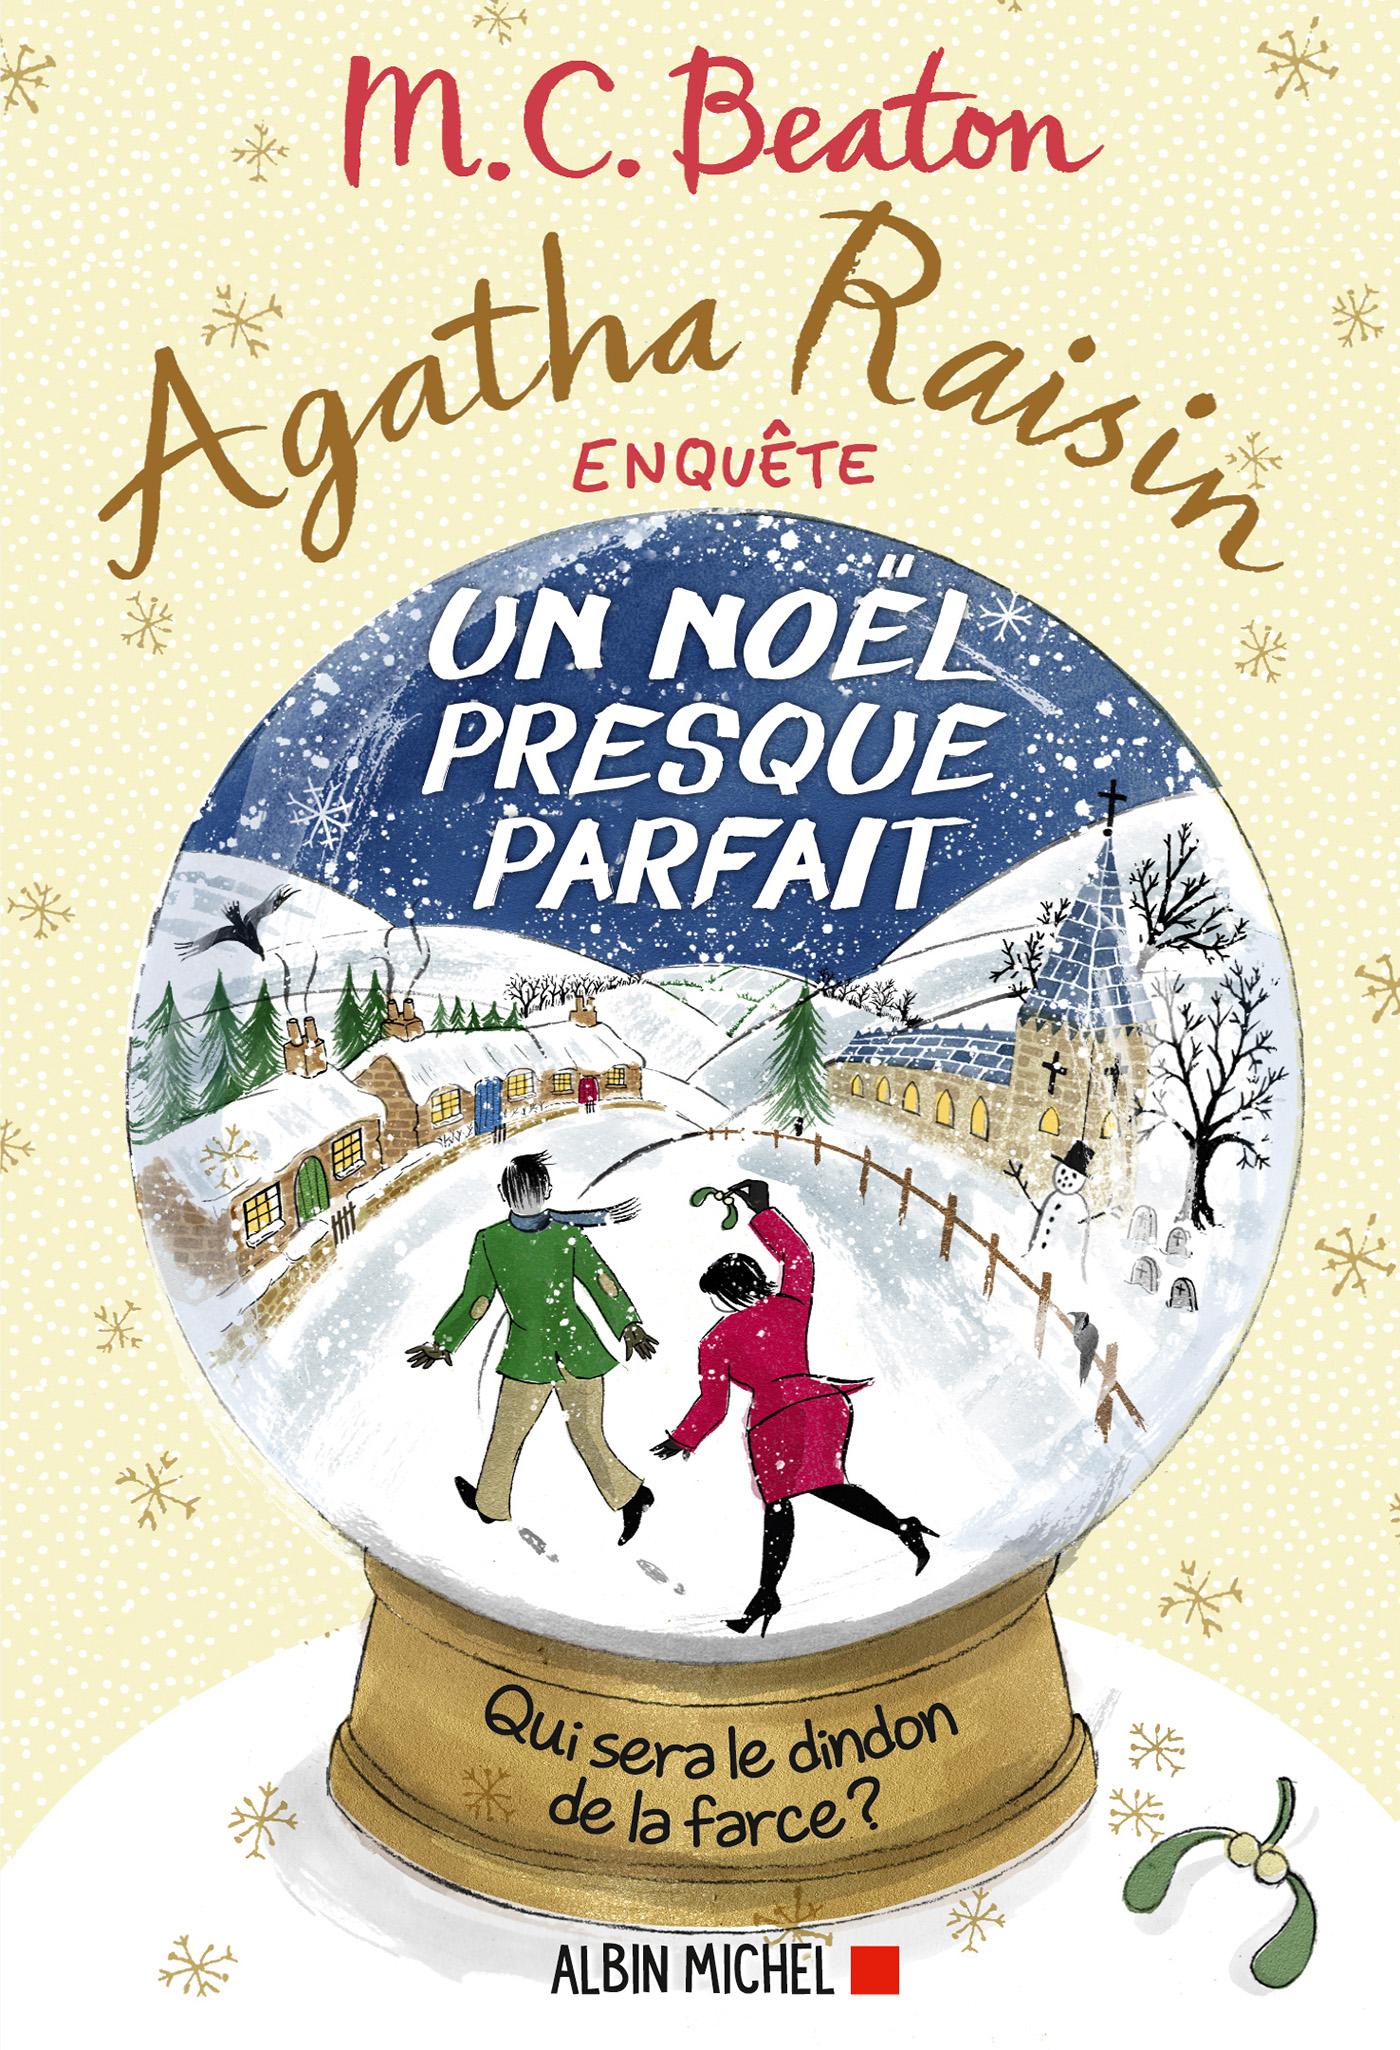 Agatha Raisin enquête 18 - Un Noël presque parfait | Beaton, M. C.. Auteur